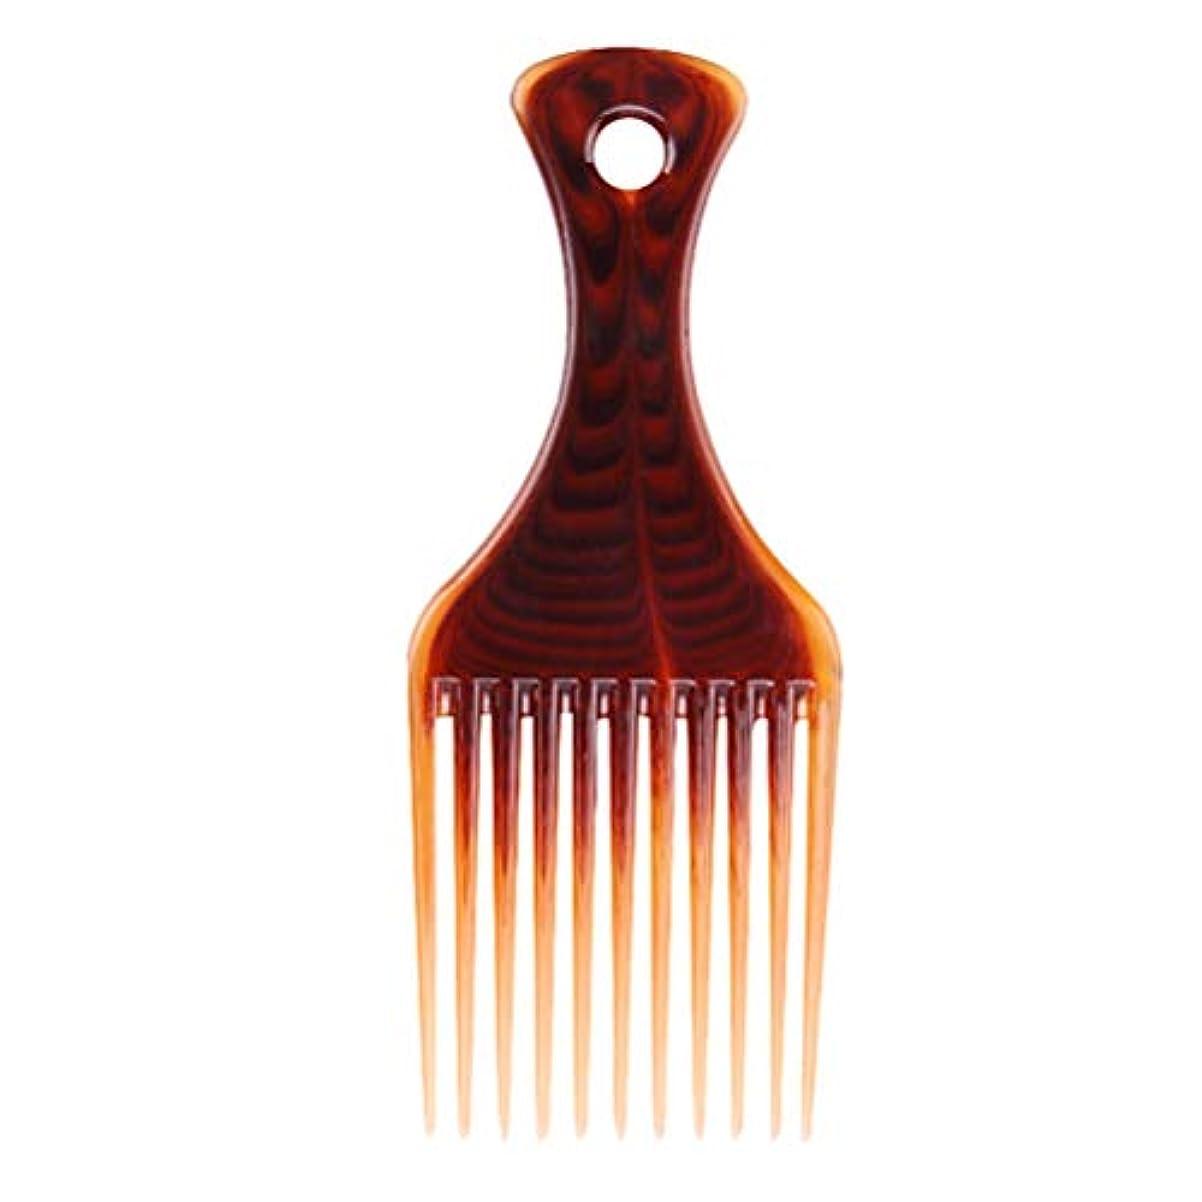 することになっている終わりまた明日ねSUPVOX プラスチックワイドトゥースコームサロン理容ブラシヘアスタイリング理髪フォークピッキング櫛(コーヒー)